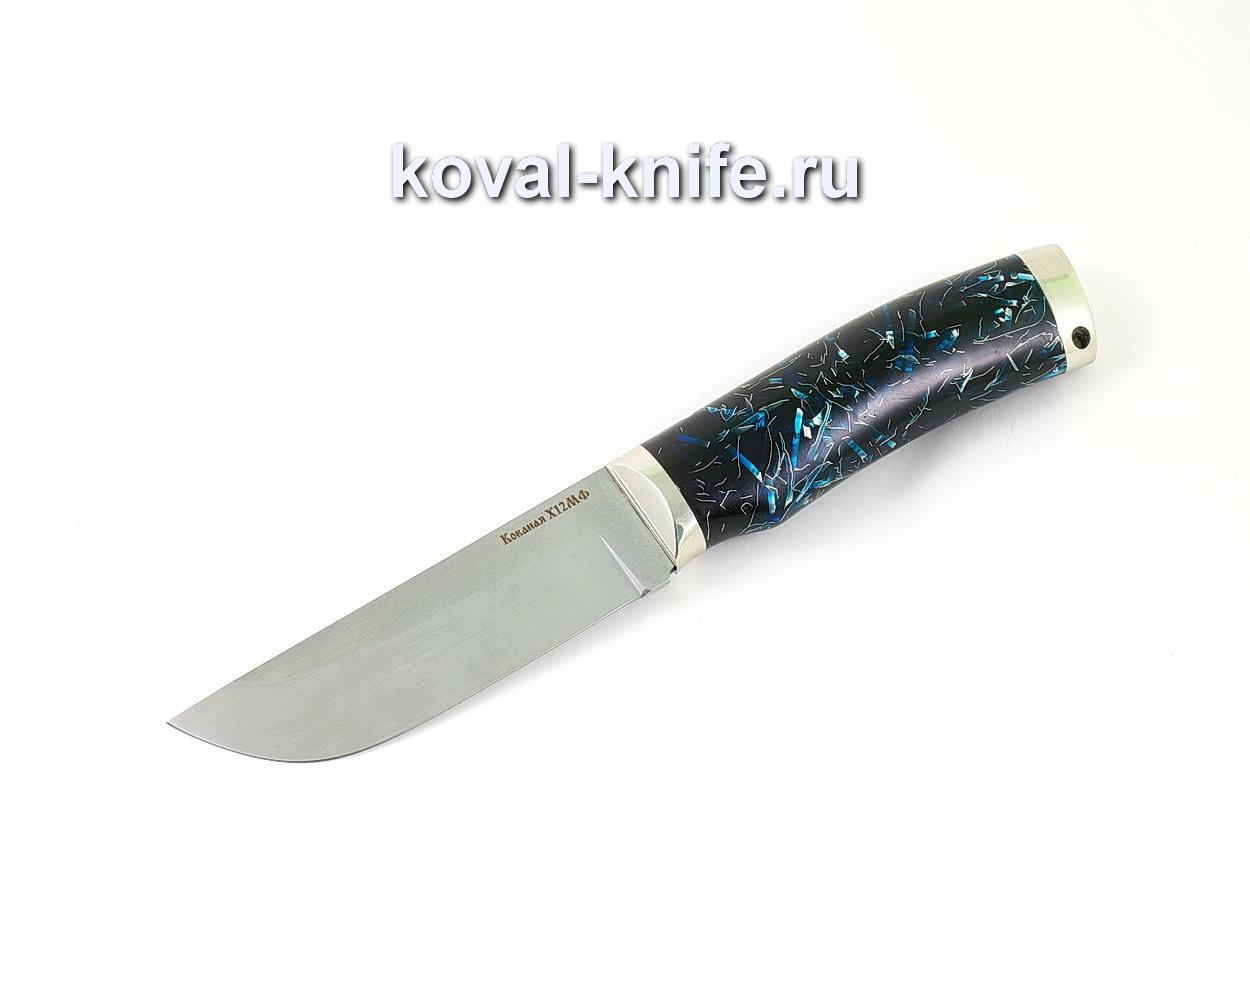 Нож из кованой стали Х12МФ Пегас (рукоять композит, литье мельхиор) A503